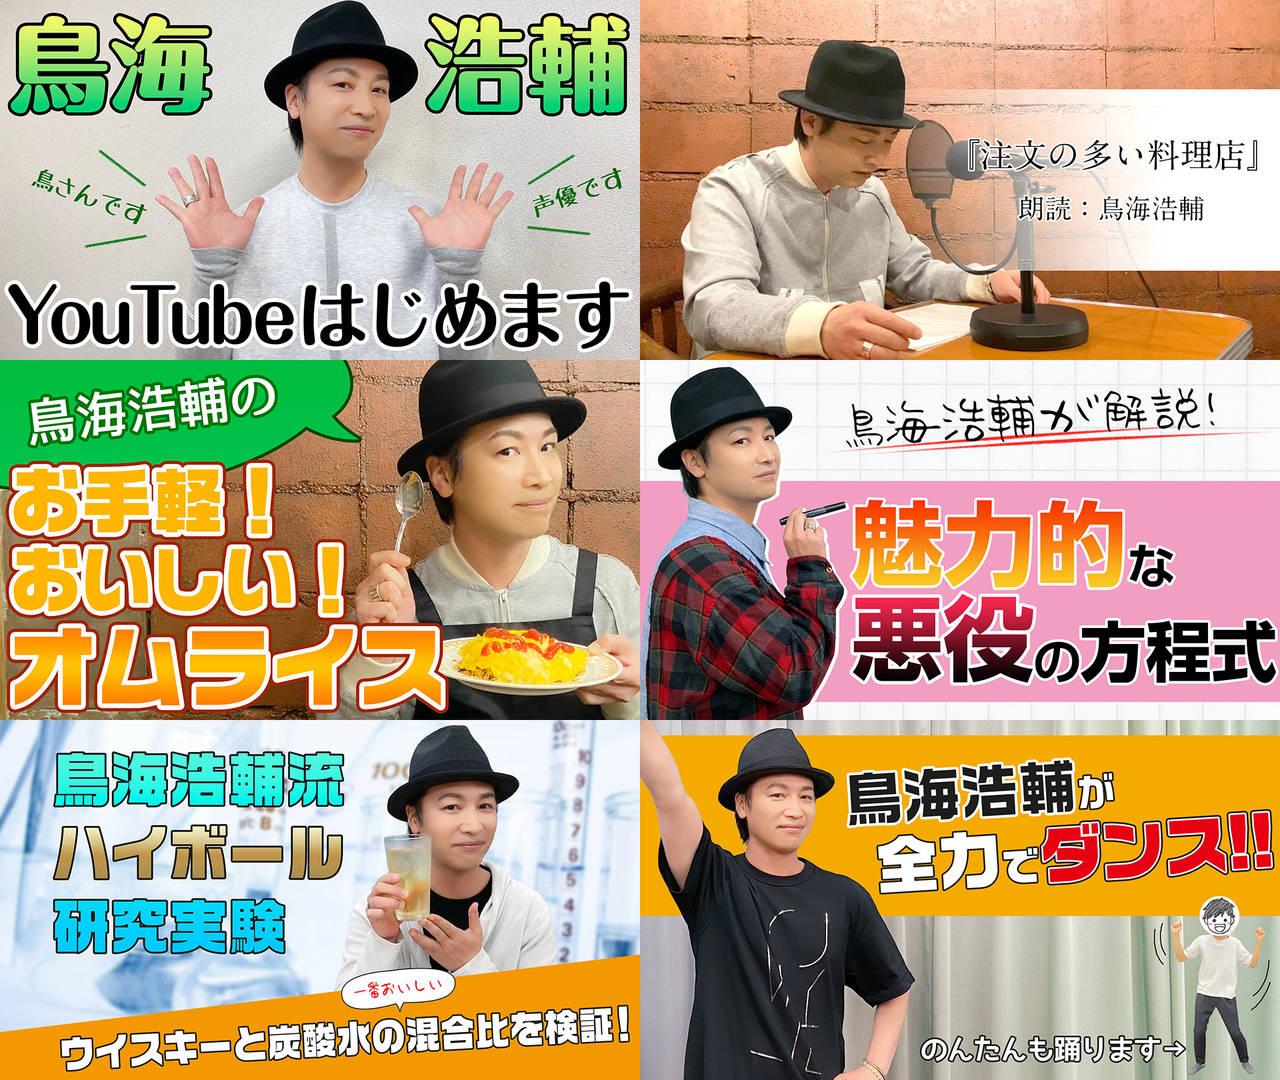 鳥海浩輔のYouTubeチャンネル「鳥さん学級」、46歳最後の夜をライブ配信!